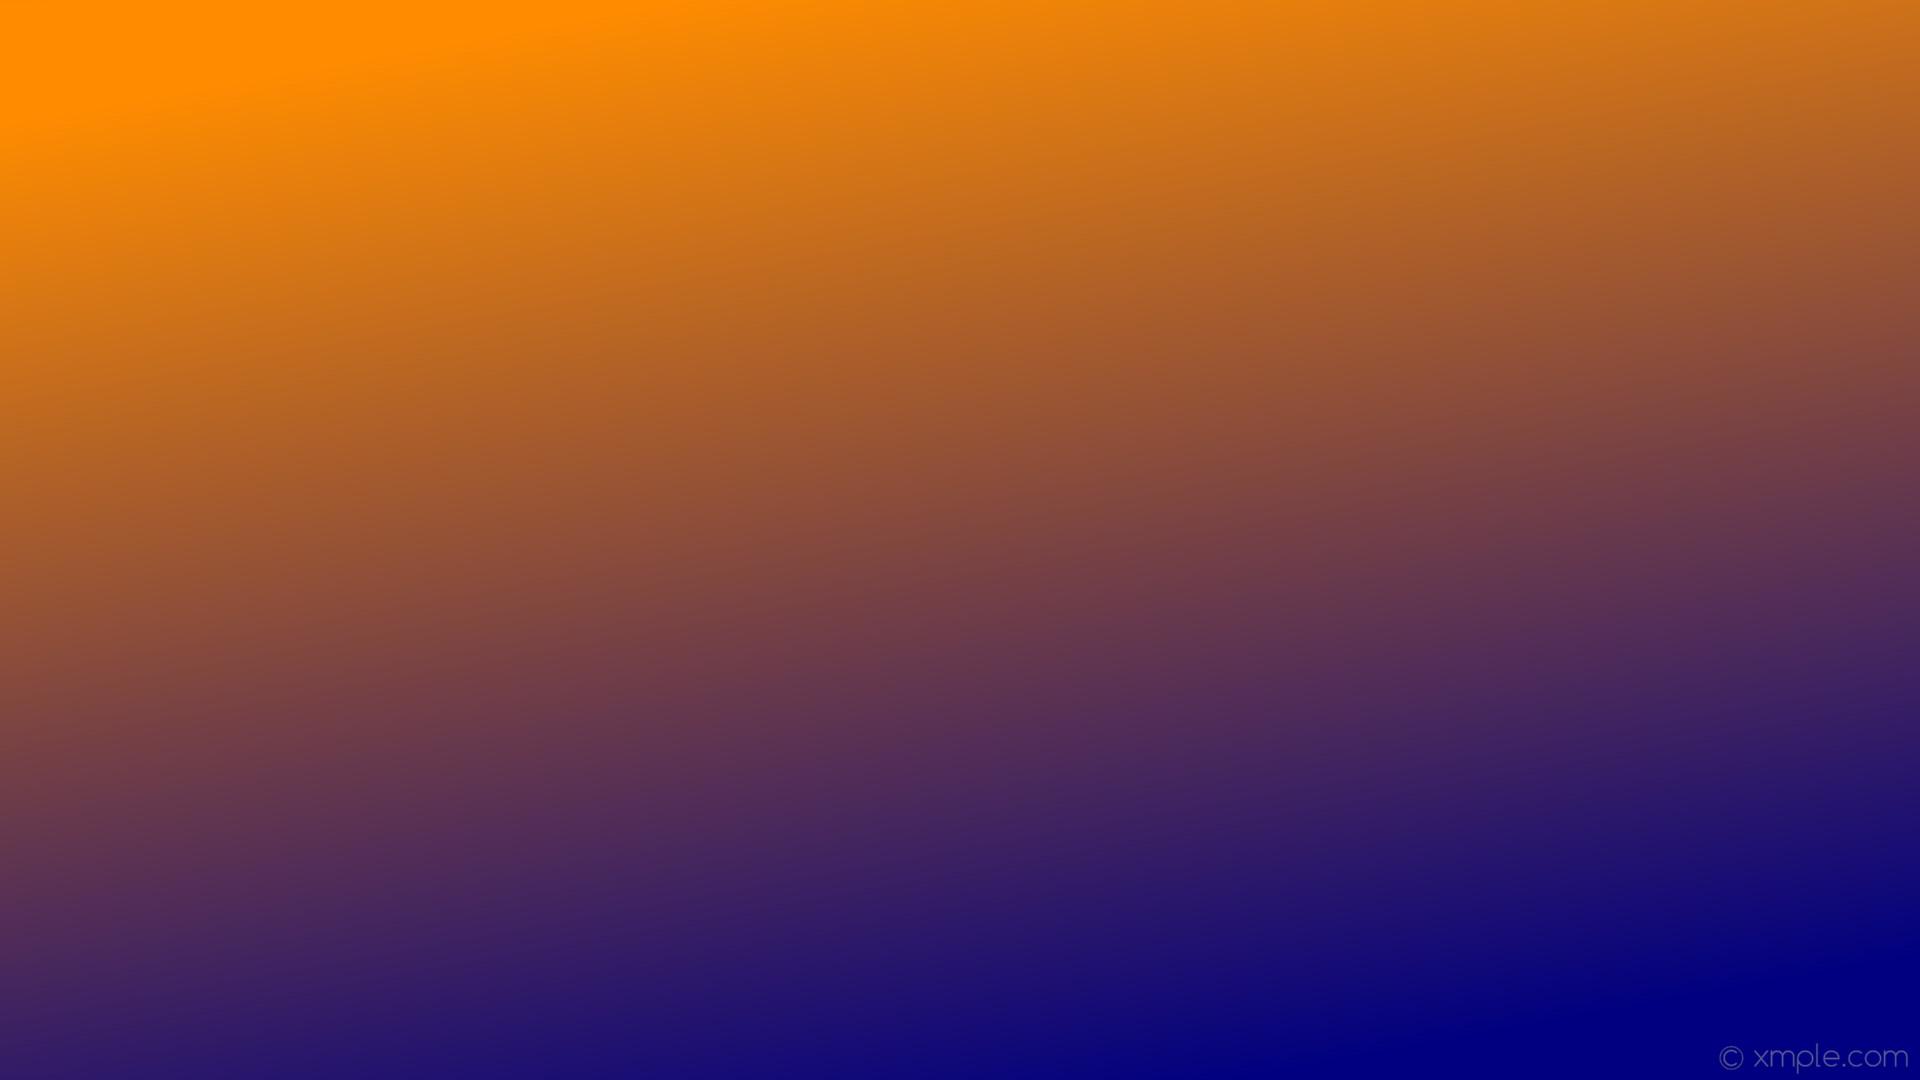 wallpaper gradient blue orange linear navy dark orange #000080 #ff8c00 300°